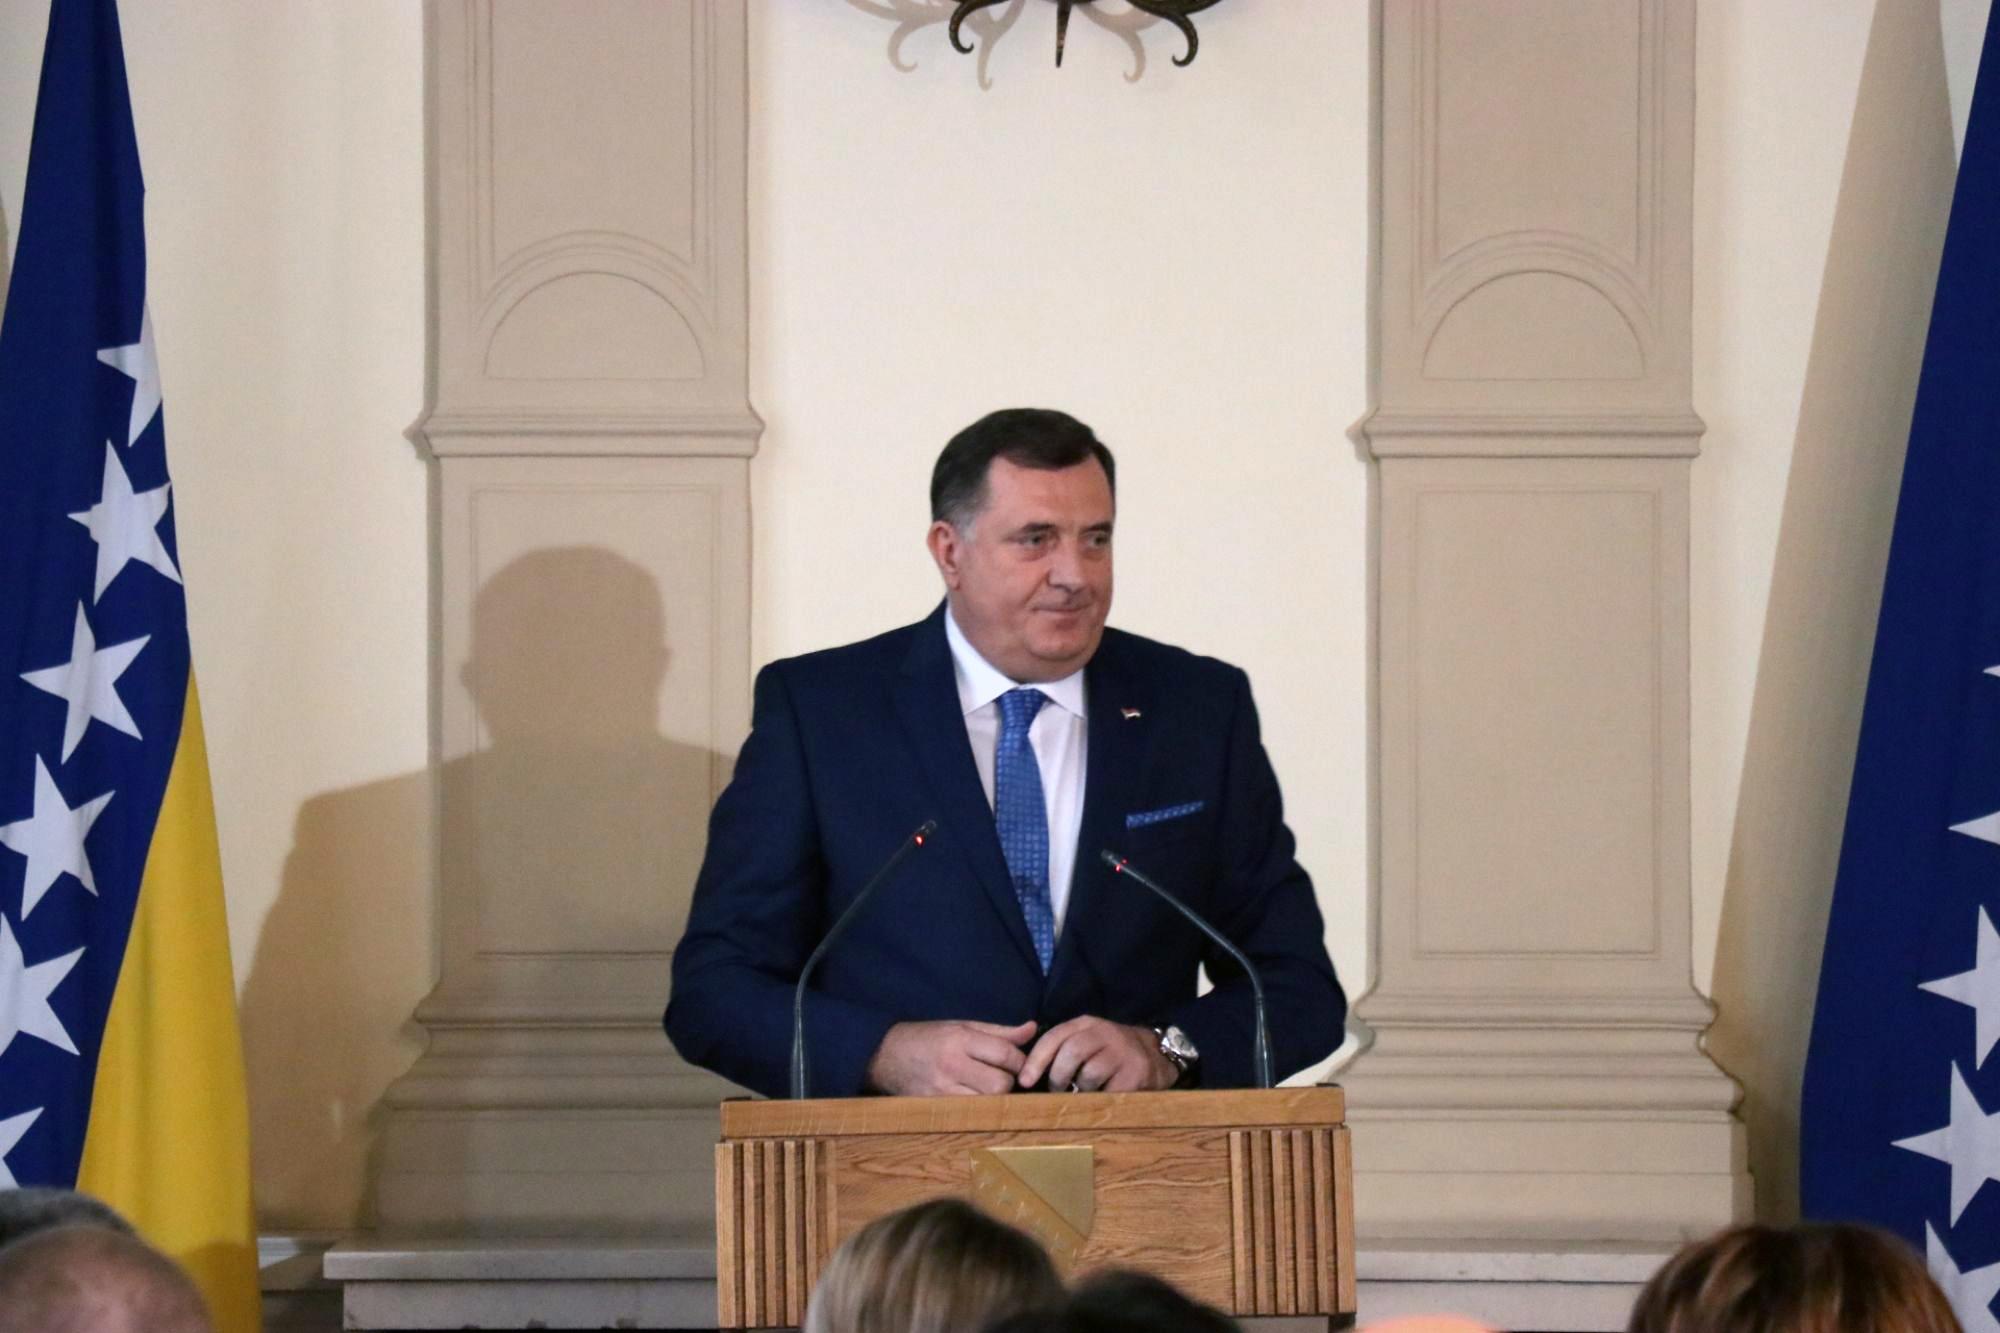 PALMER 'Američke sankcije Dodiku ostaju sve dok ne promijeni ponašanje'